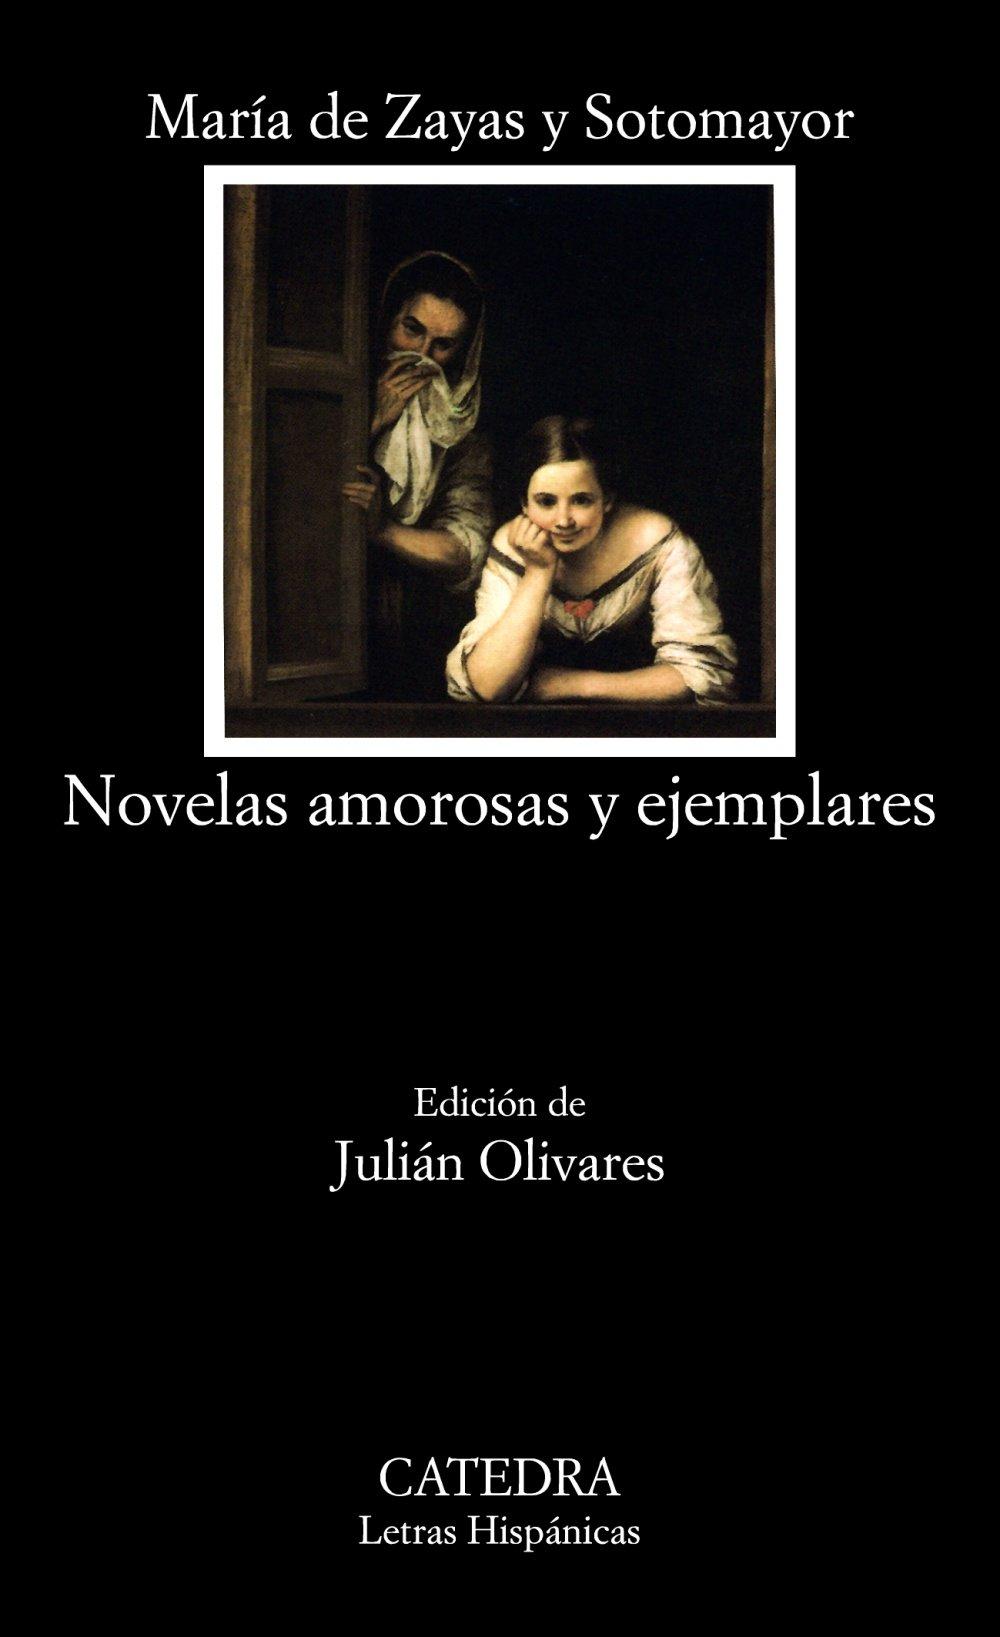 Novelas amorosas y ejemplares: 482 (Letras Hispánicas) Tapa blanda – 13 sep 2004 María de Zayas y Sotomayor Cátedra 8437618258 Literary